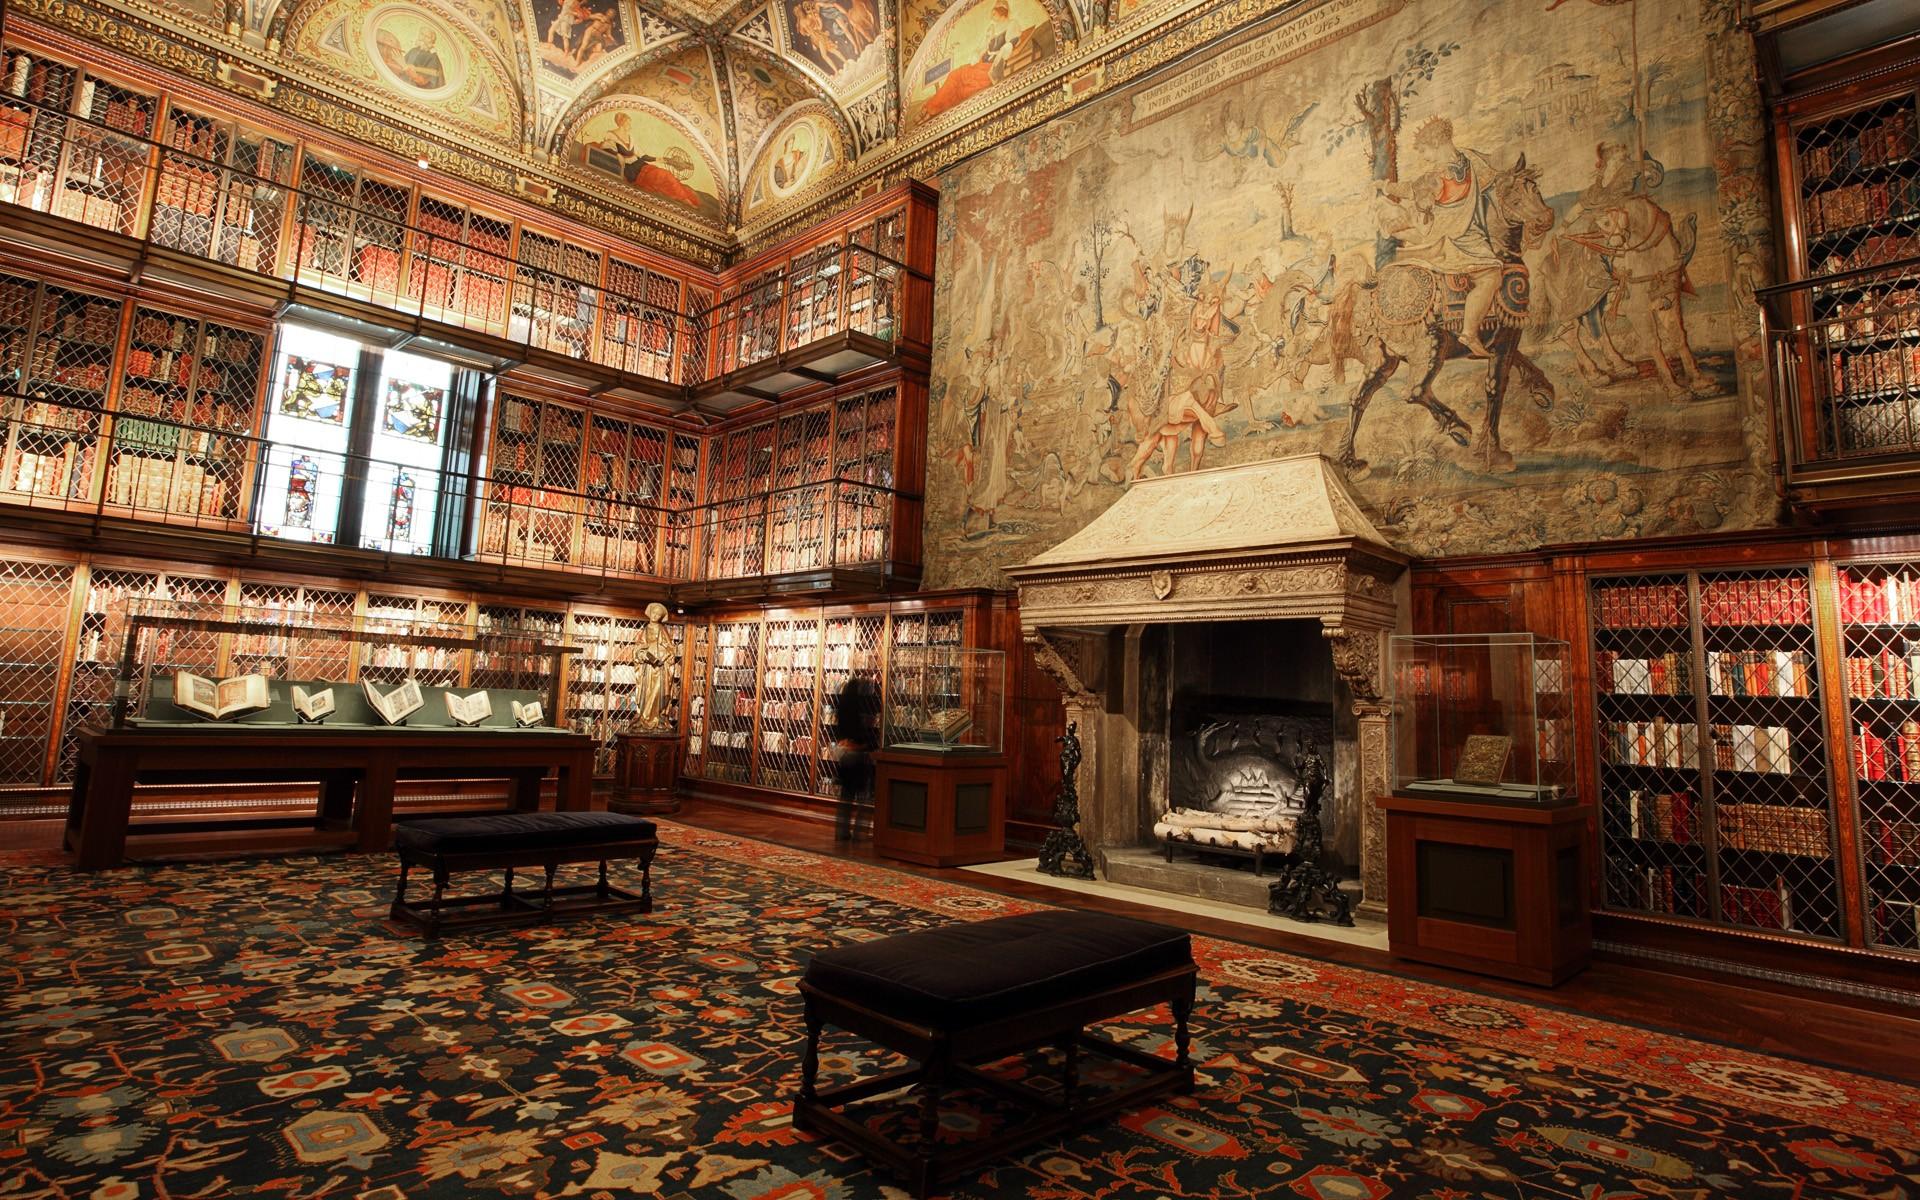 Livre Architecture D Intérieur fond d'écran : la peinture, bâtiment, livres, bibliothèque